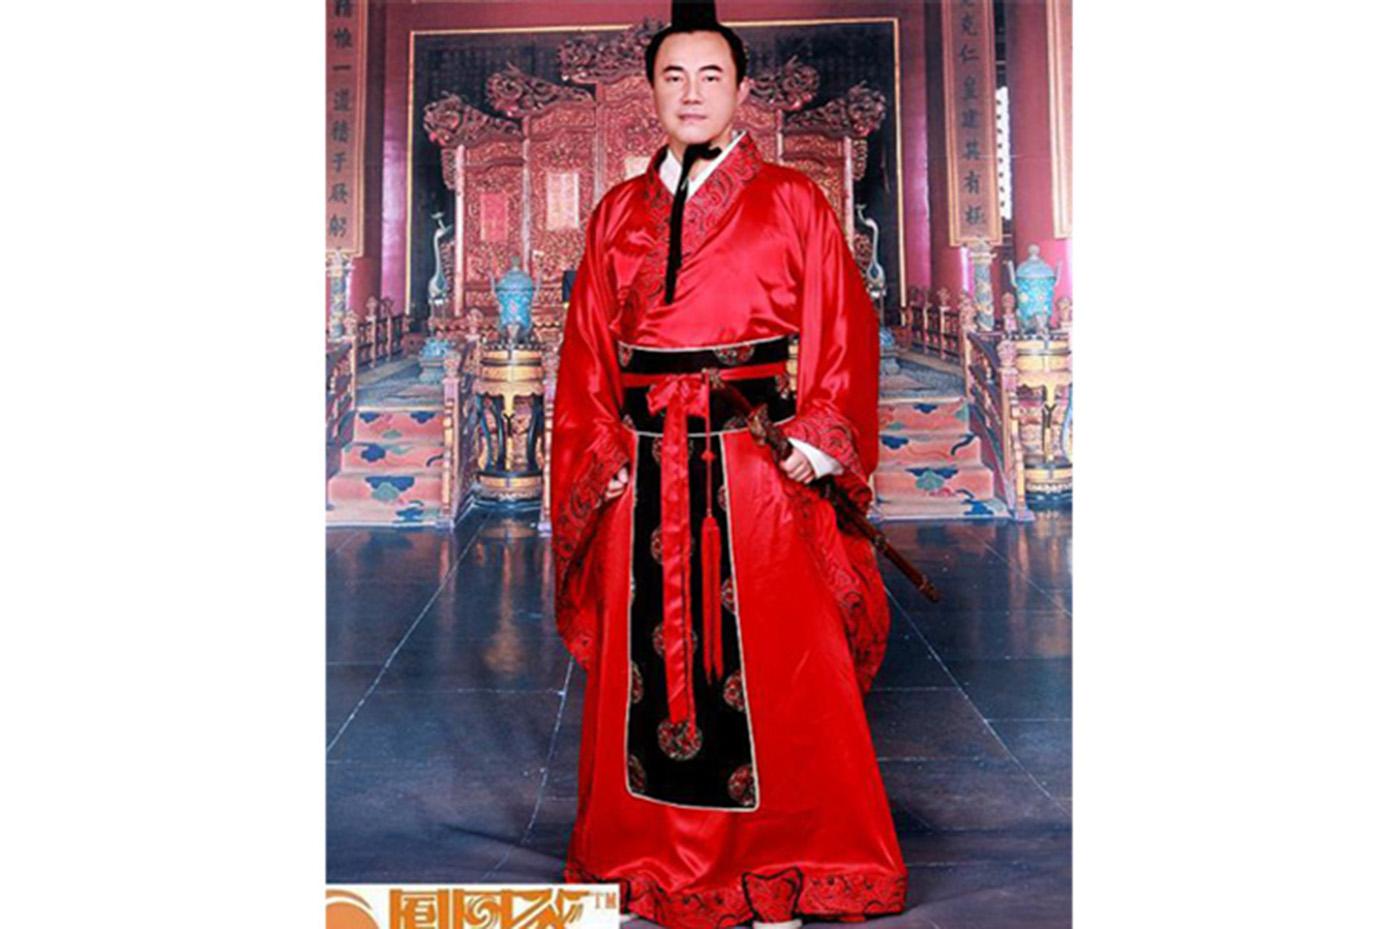 détaillant en ligne double coupon Style magnifique Hanfu, Tenue Chinoise Traditionnelle, Homme 27 - ChinaTown-Shop